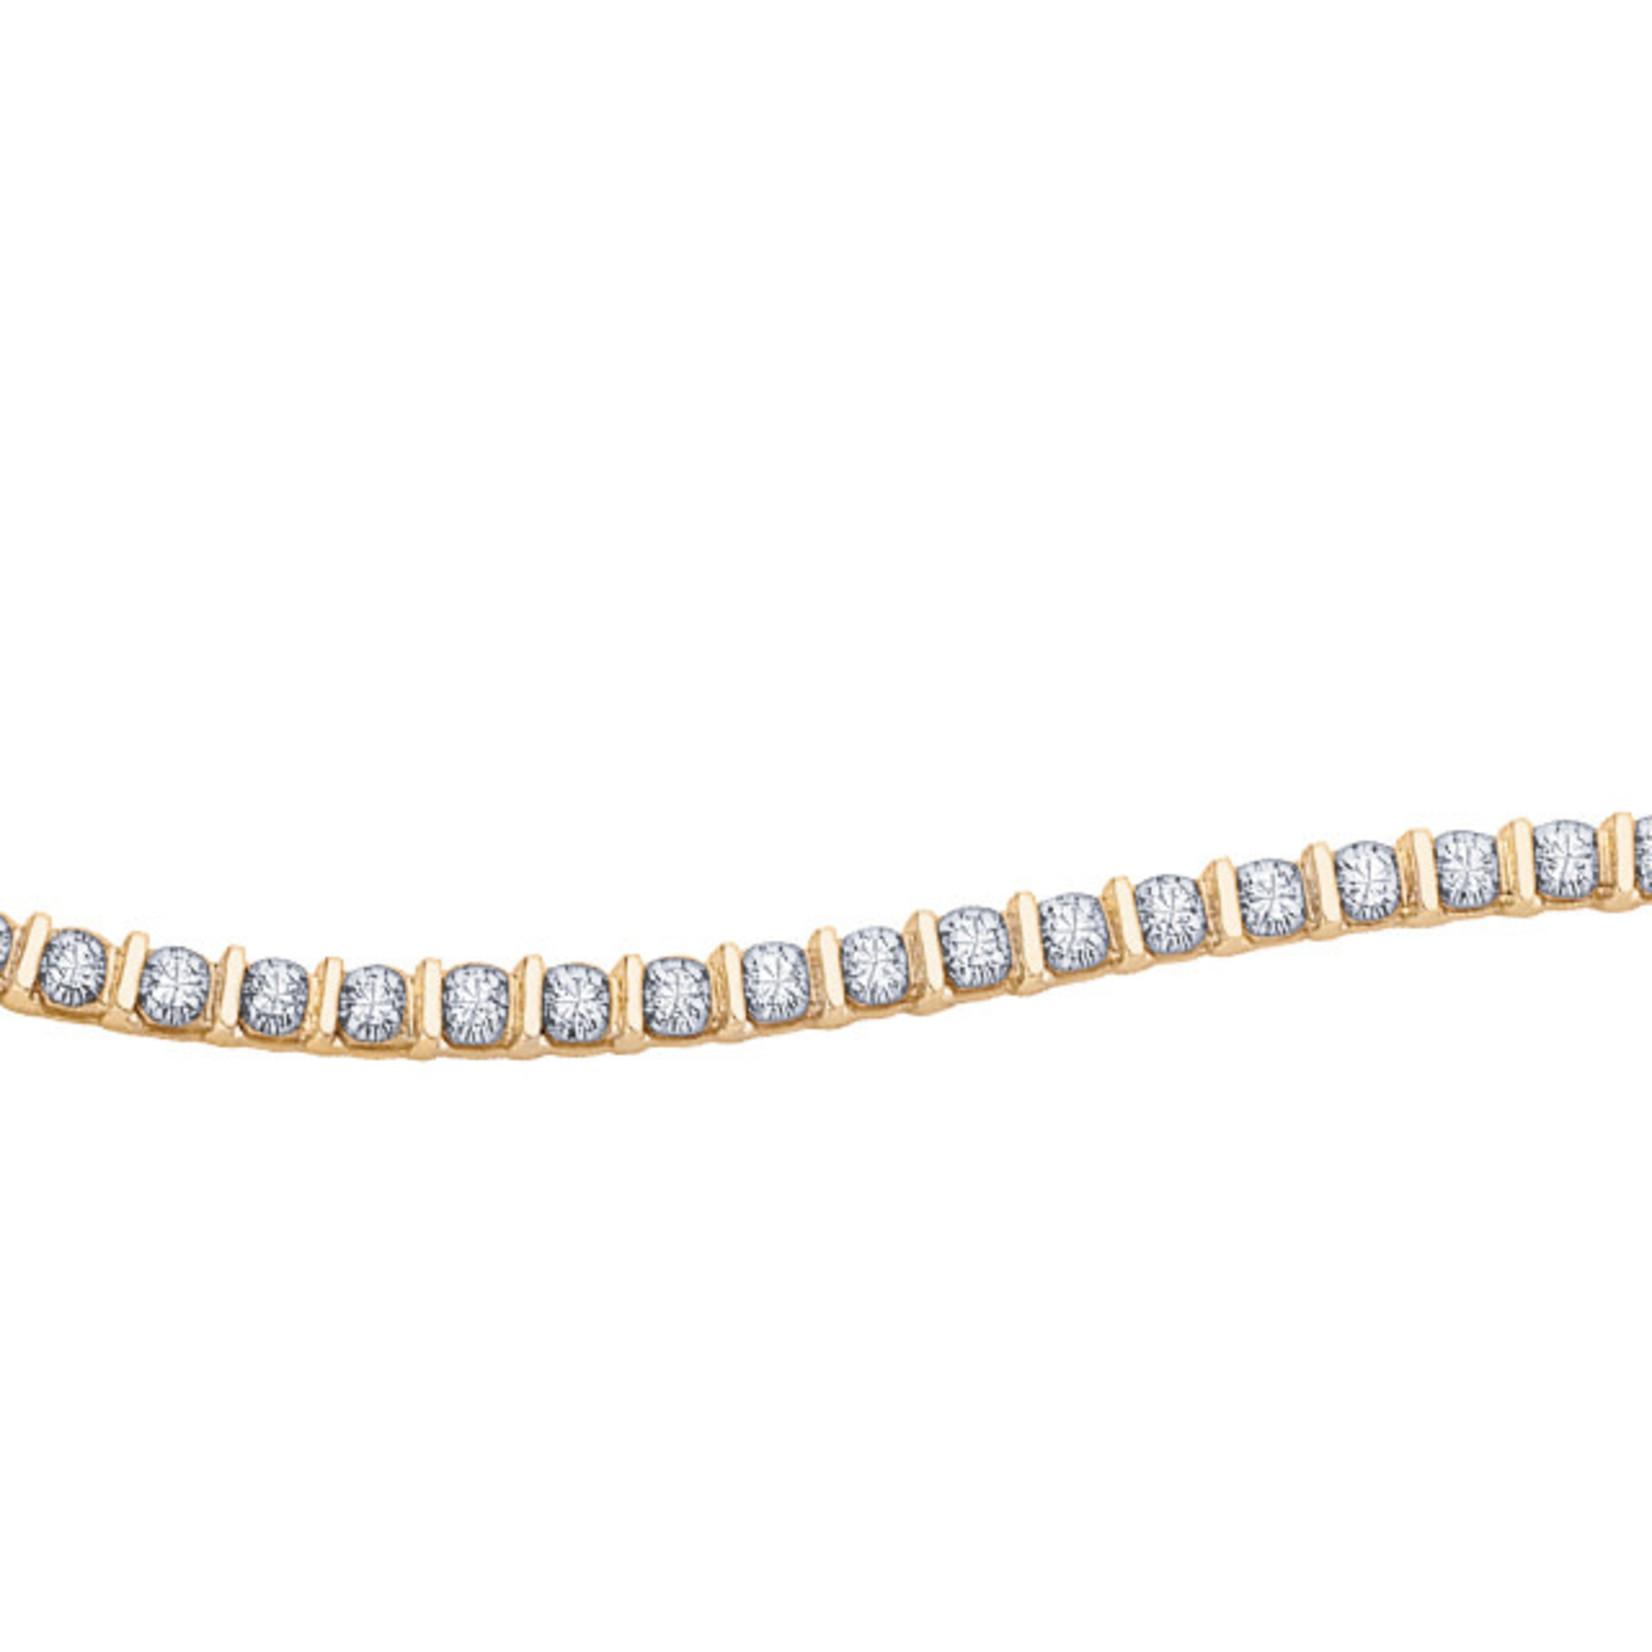 5 ct T.W. Diamond Bracelet